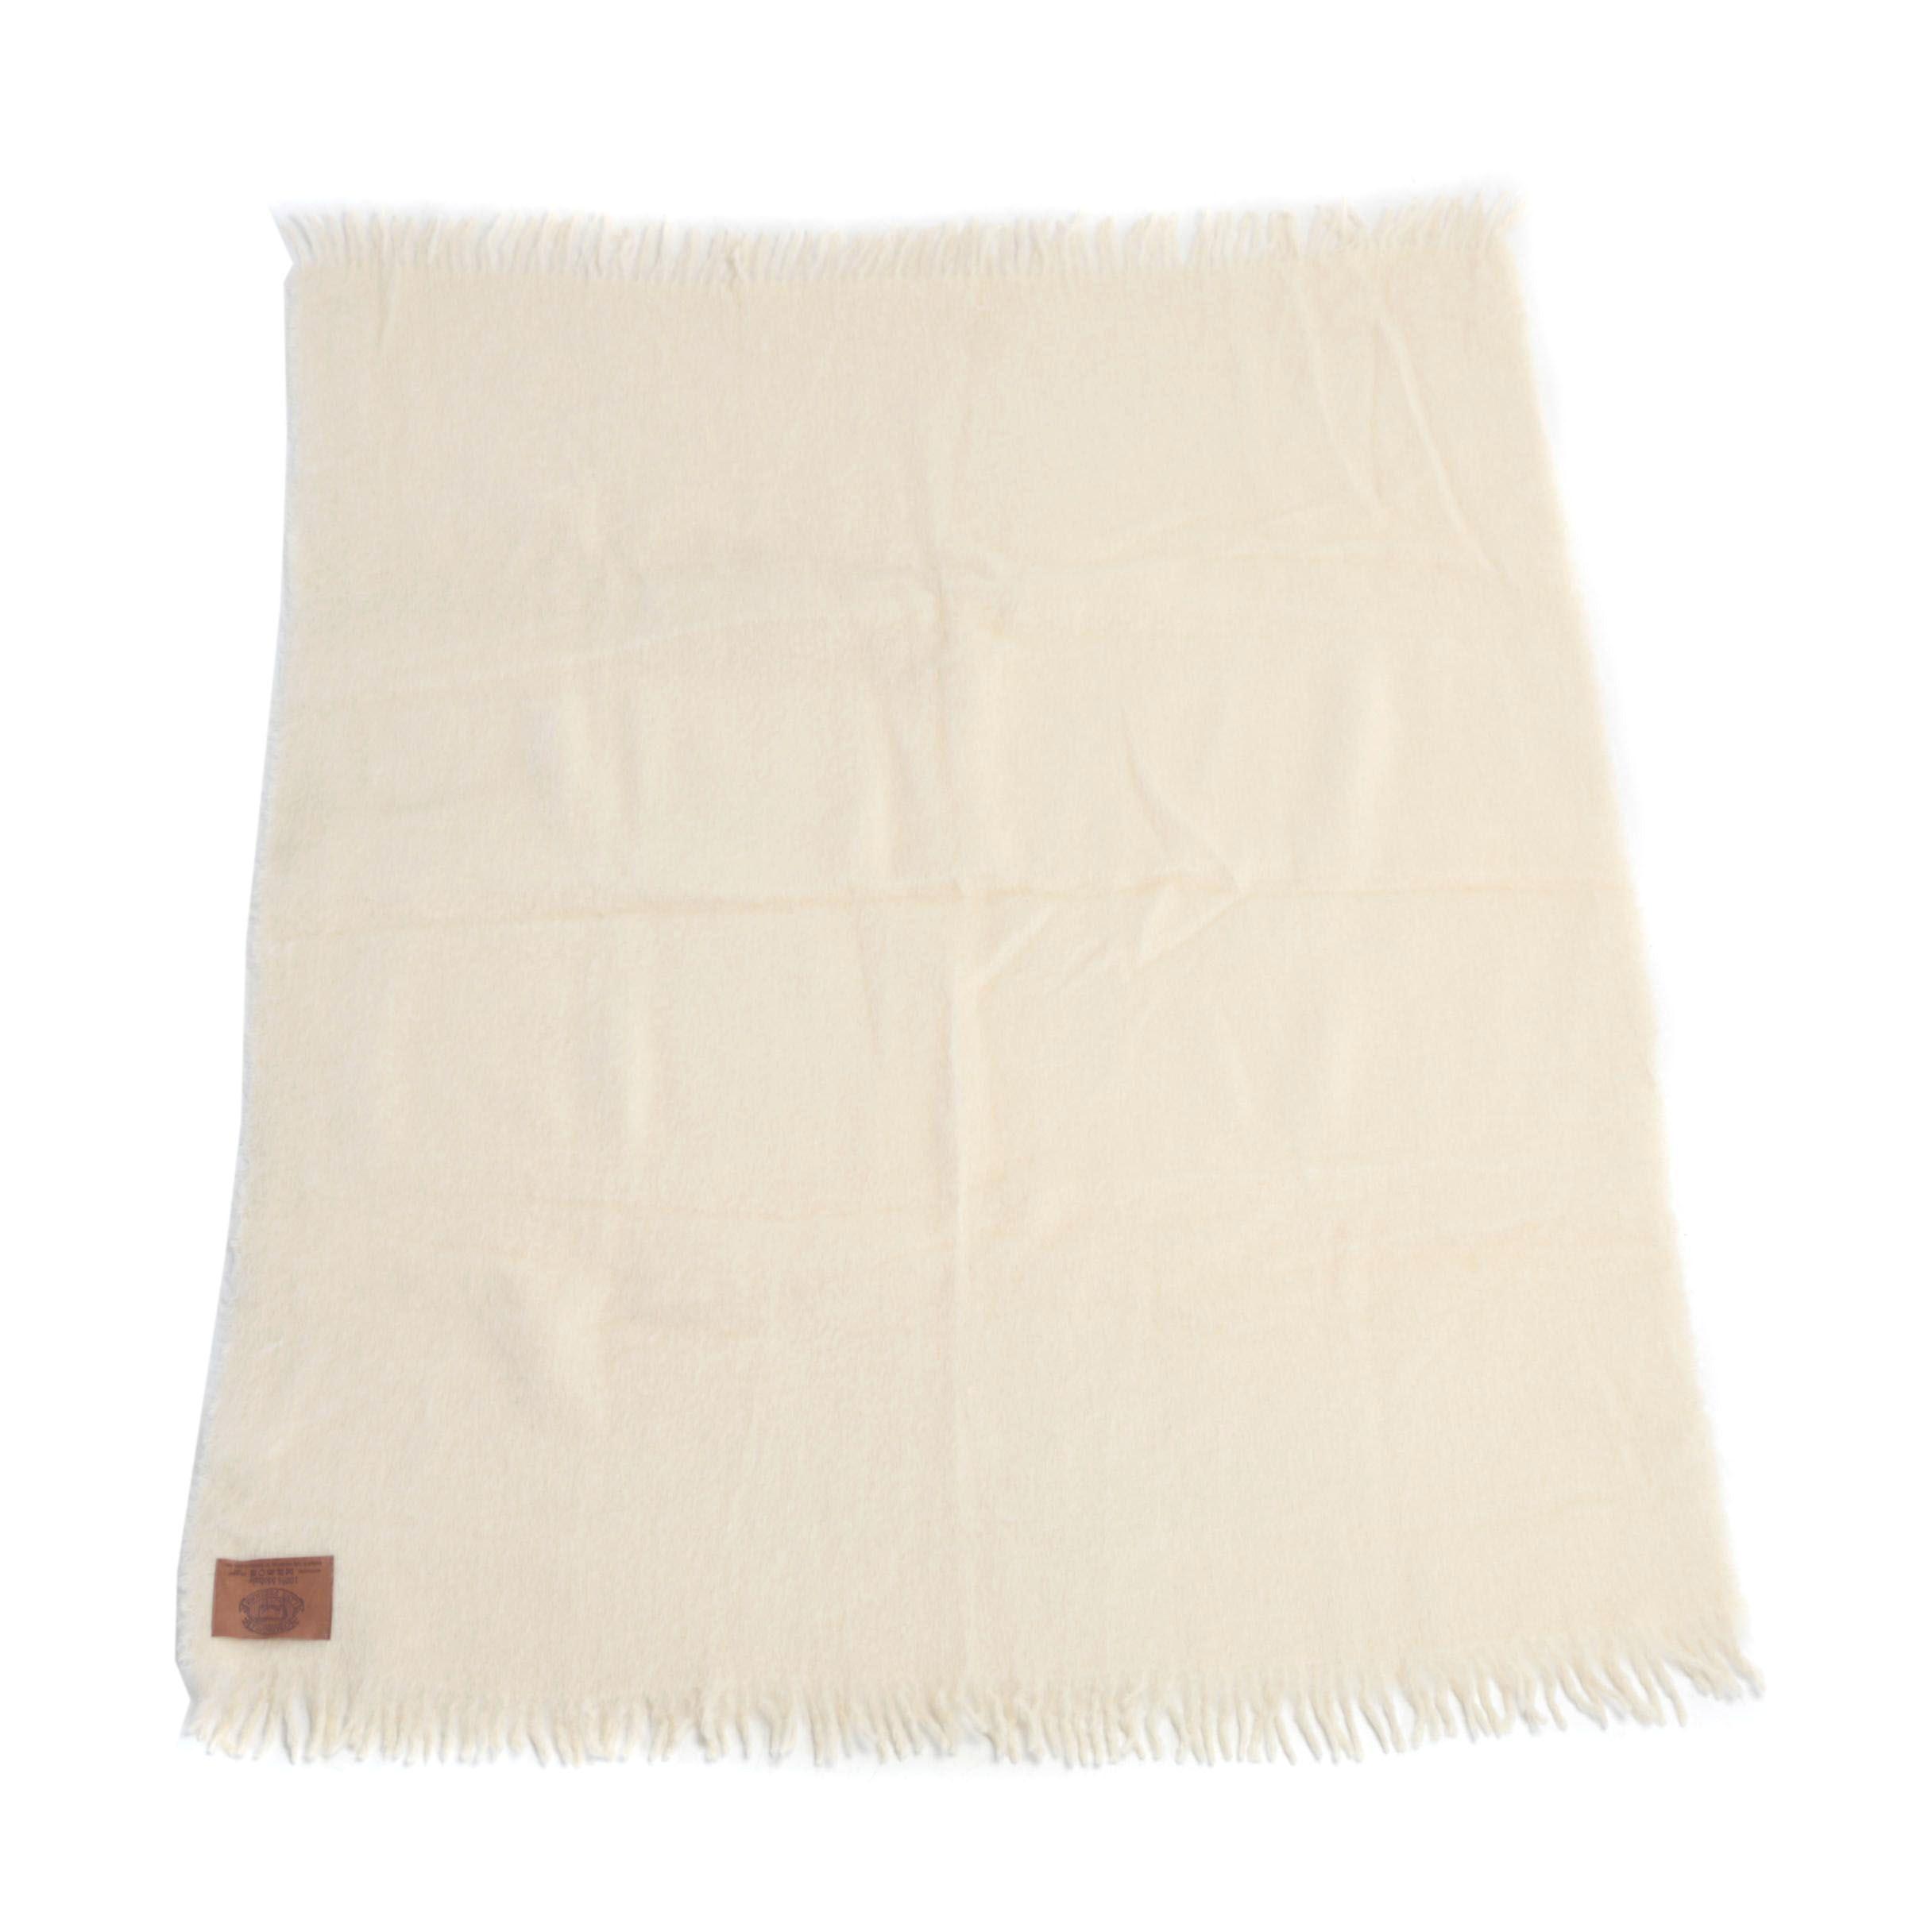 Zambaiti Italian Made Cream Mohair Throw Blanket